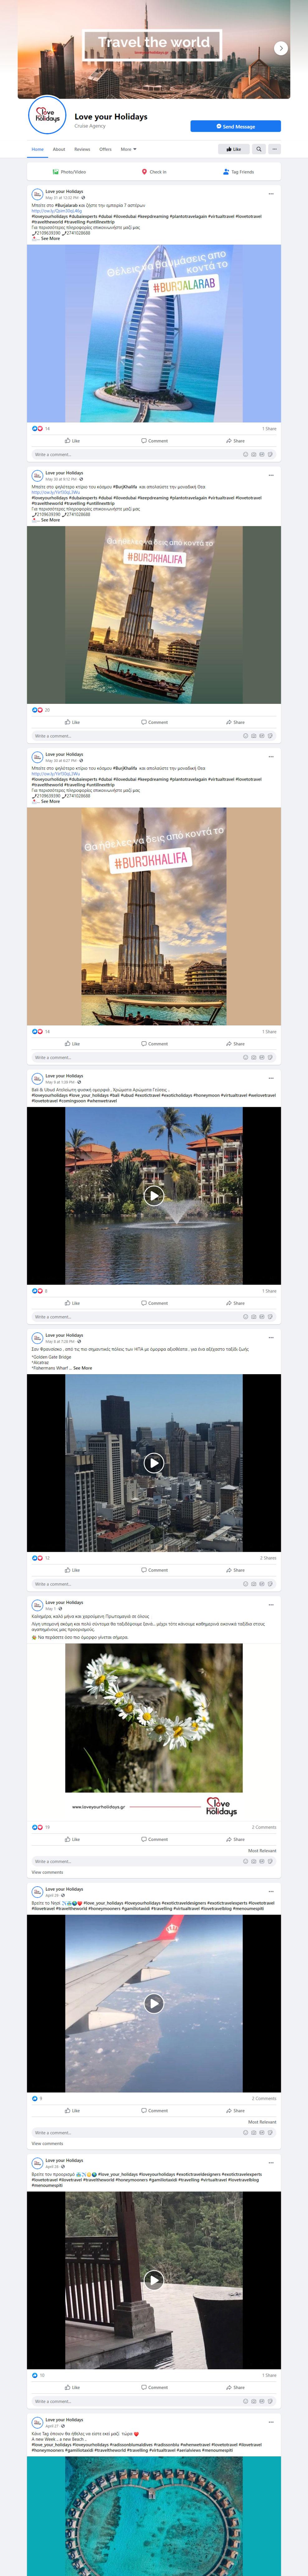 διαχείριση λογαριασμών social media - Love Your Holidays